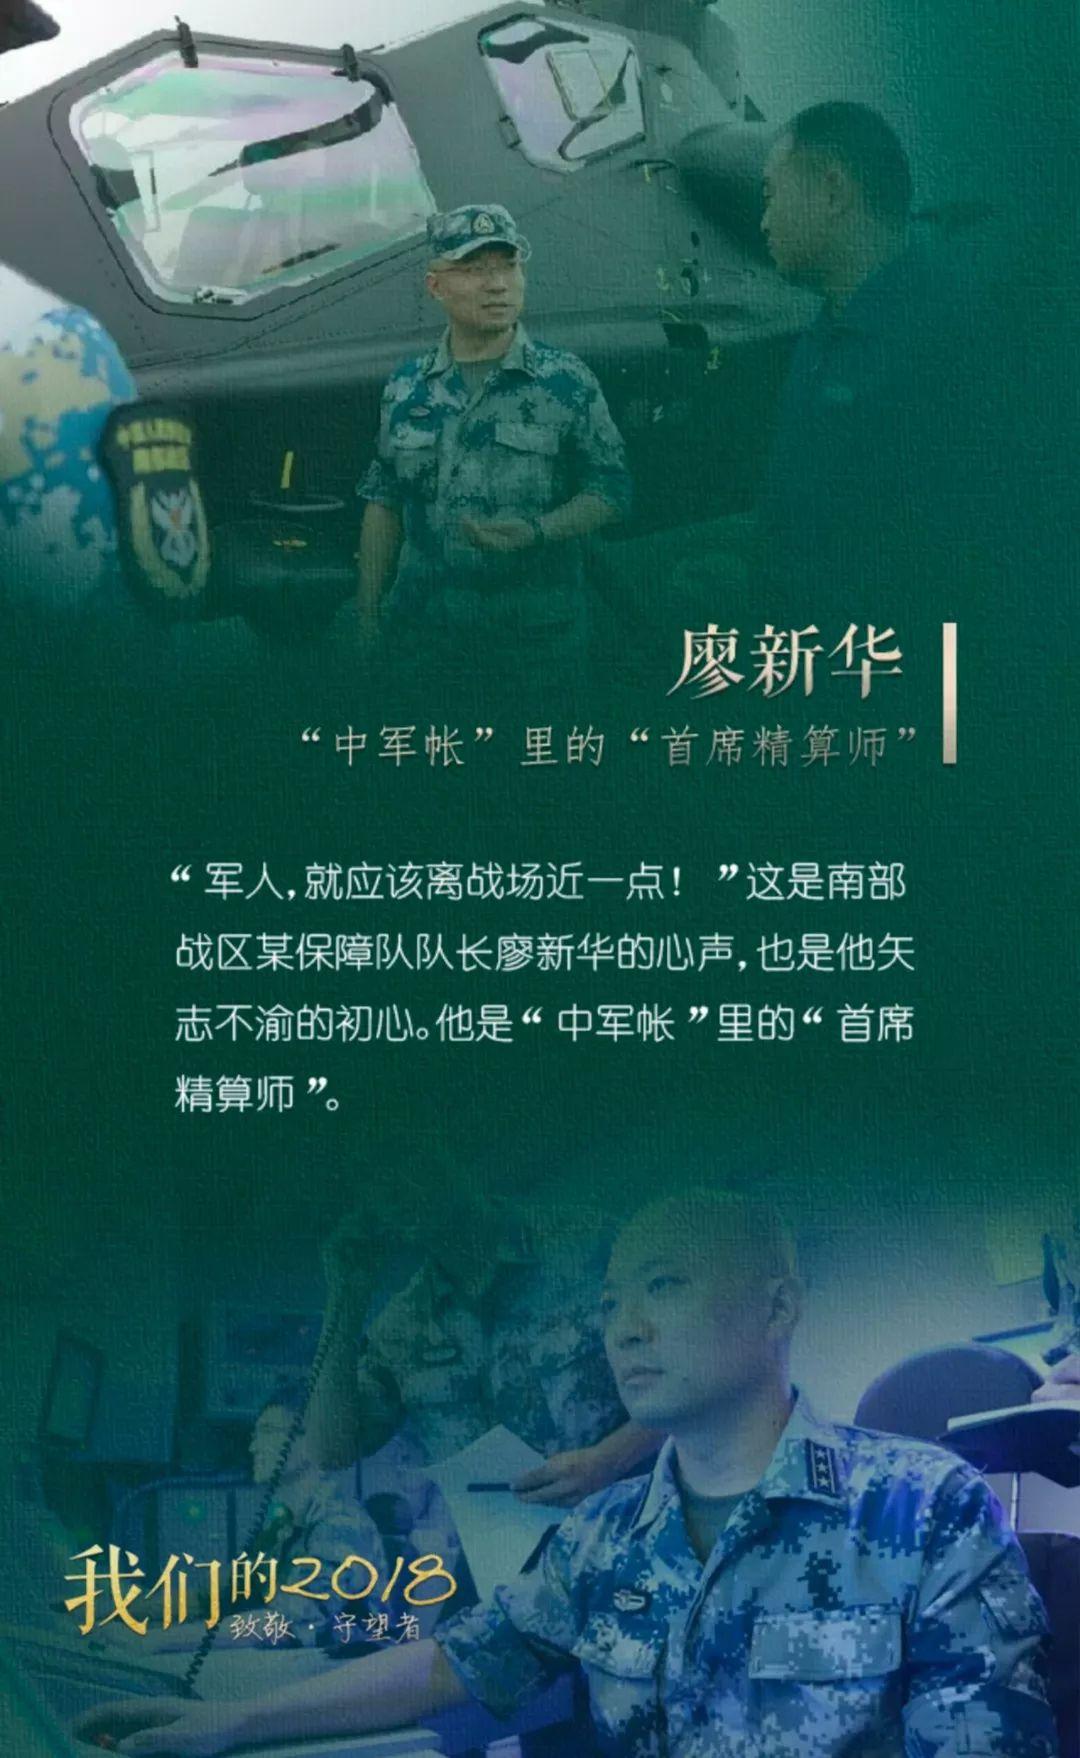 谢谢你,中国军人 用热血为我们守候一方安宁